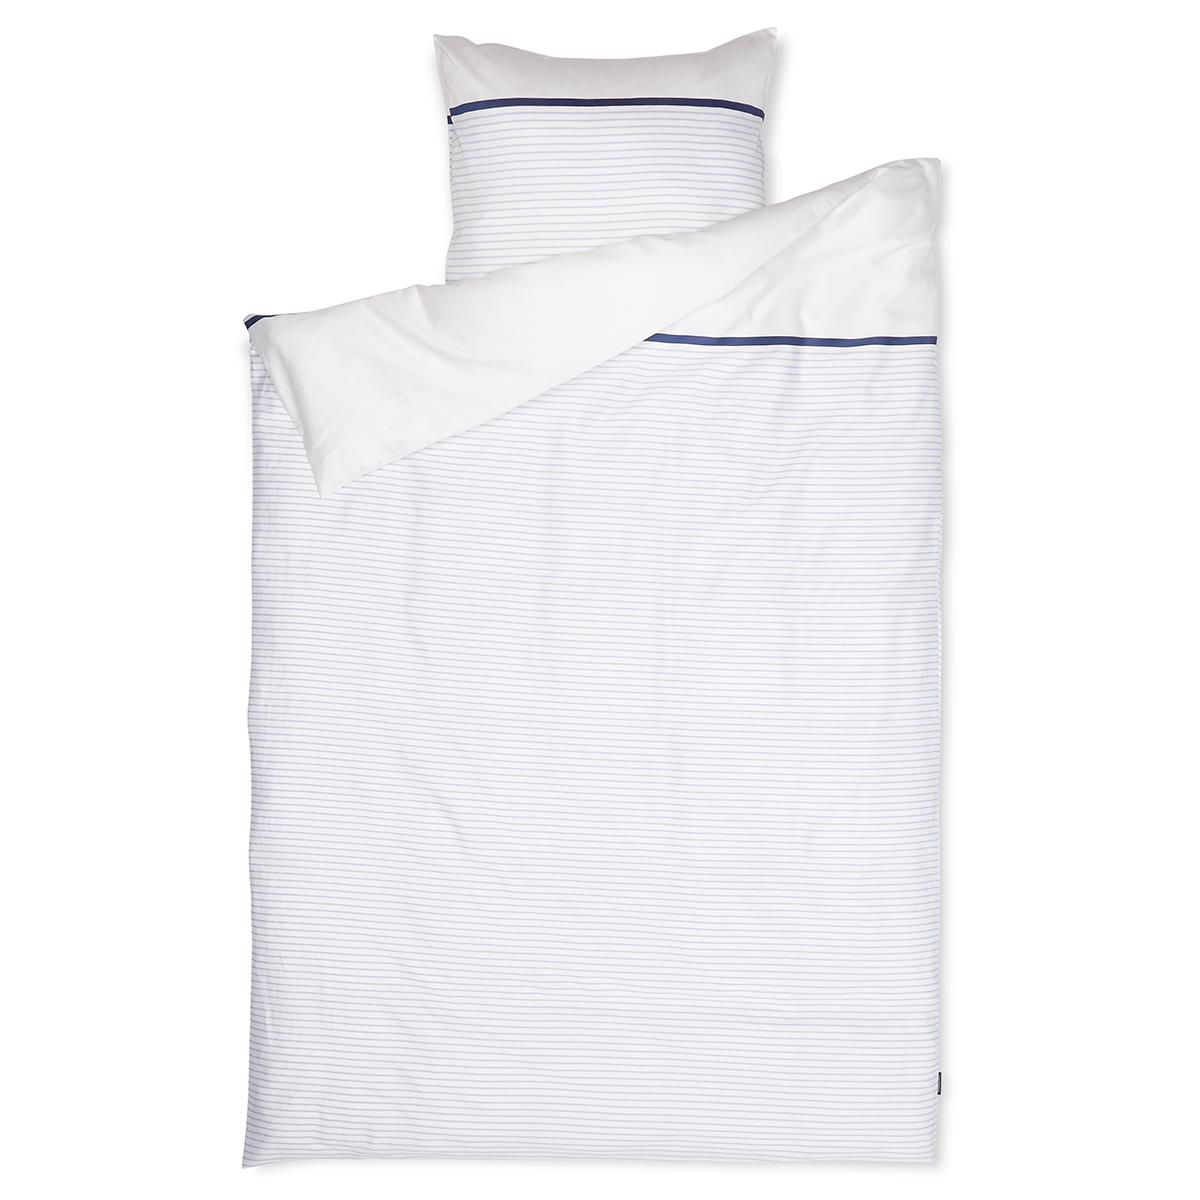 Image of   Redgreen sengetøj - Hvid og blå